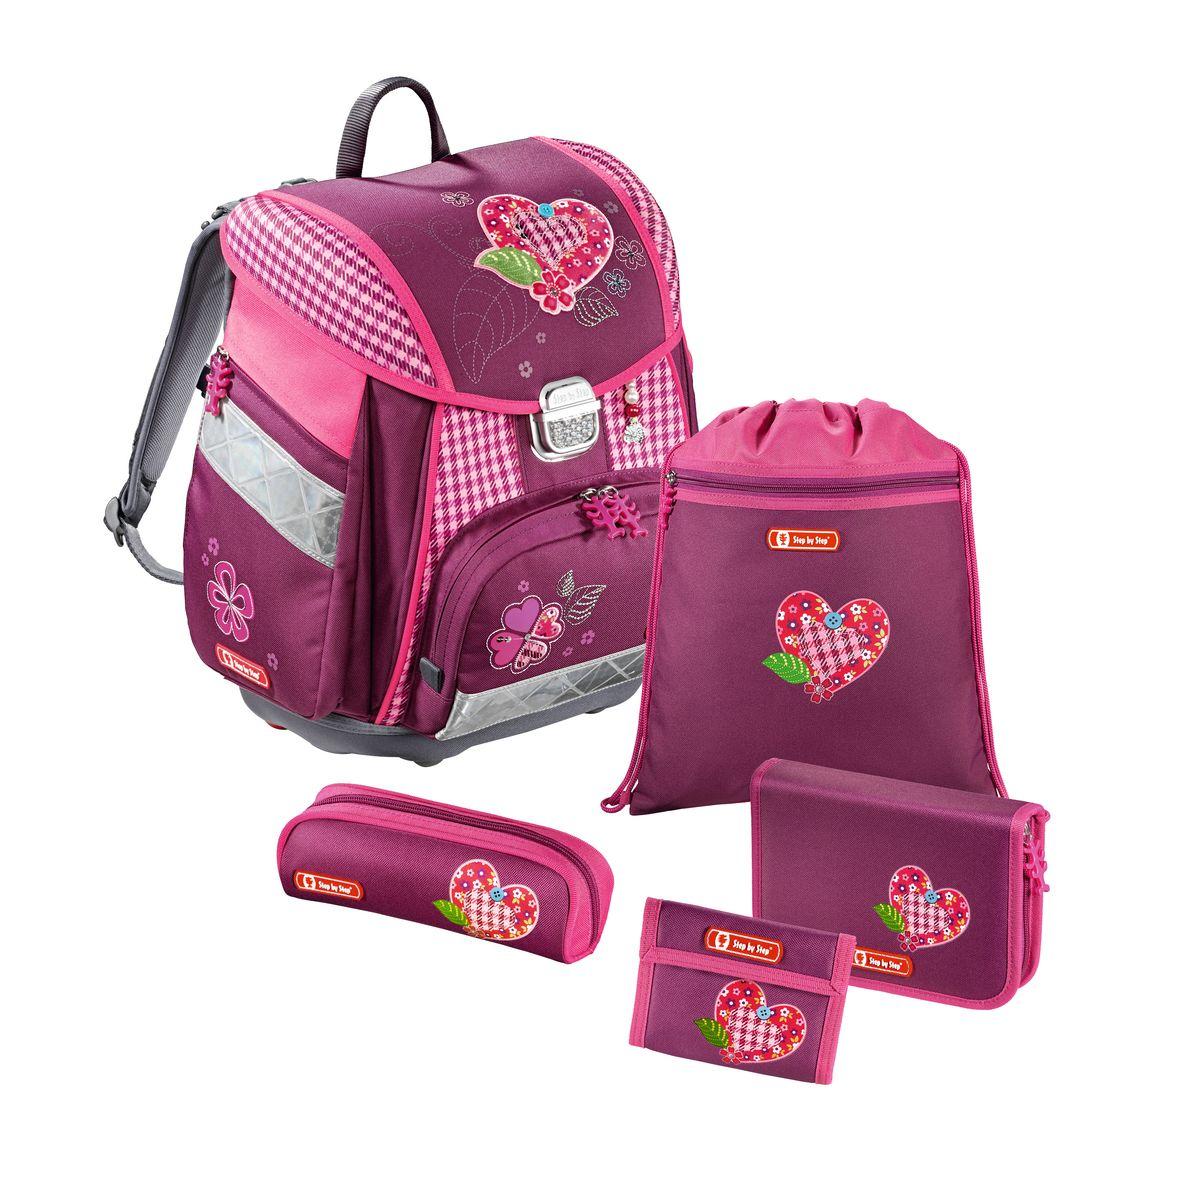 Hama Ранец школьный Step By Step Touch Tweedy Hearts с наполнением129086Ранец Step By Step Touch Tweedy Hearts полиэстер розовый/рисунок Наполнение: пенал с наполнением, пенал, кошелек, мешок для сменки